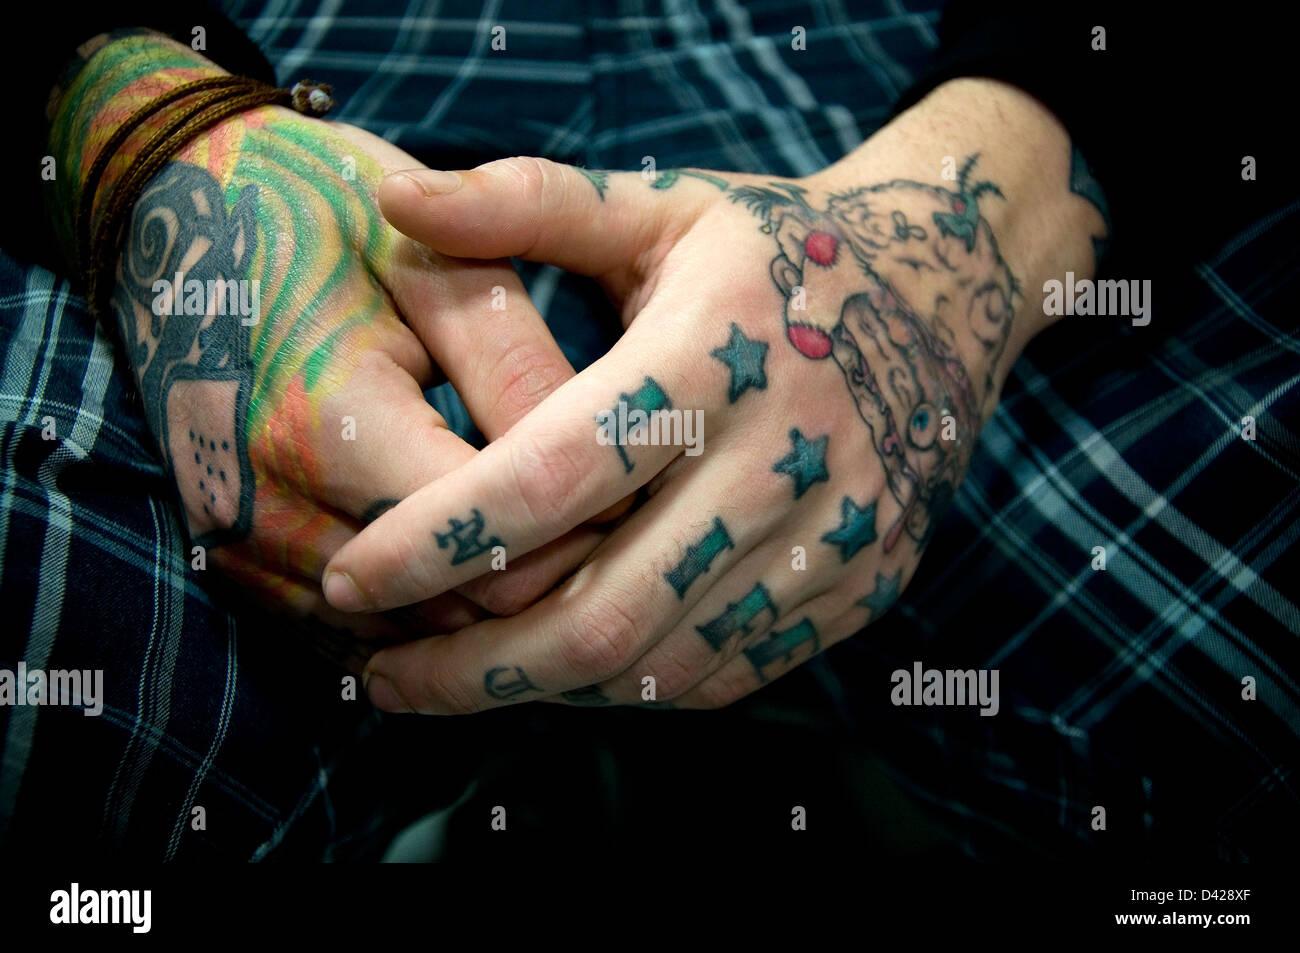 Tatuadotatuajemanosblackwork Blackwork Escarificación Tatuajes